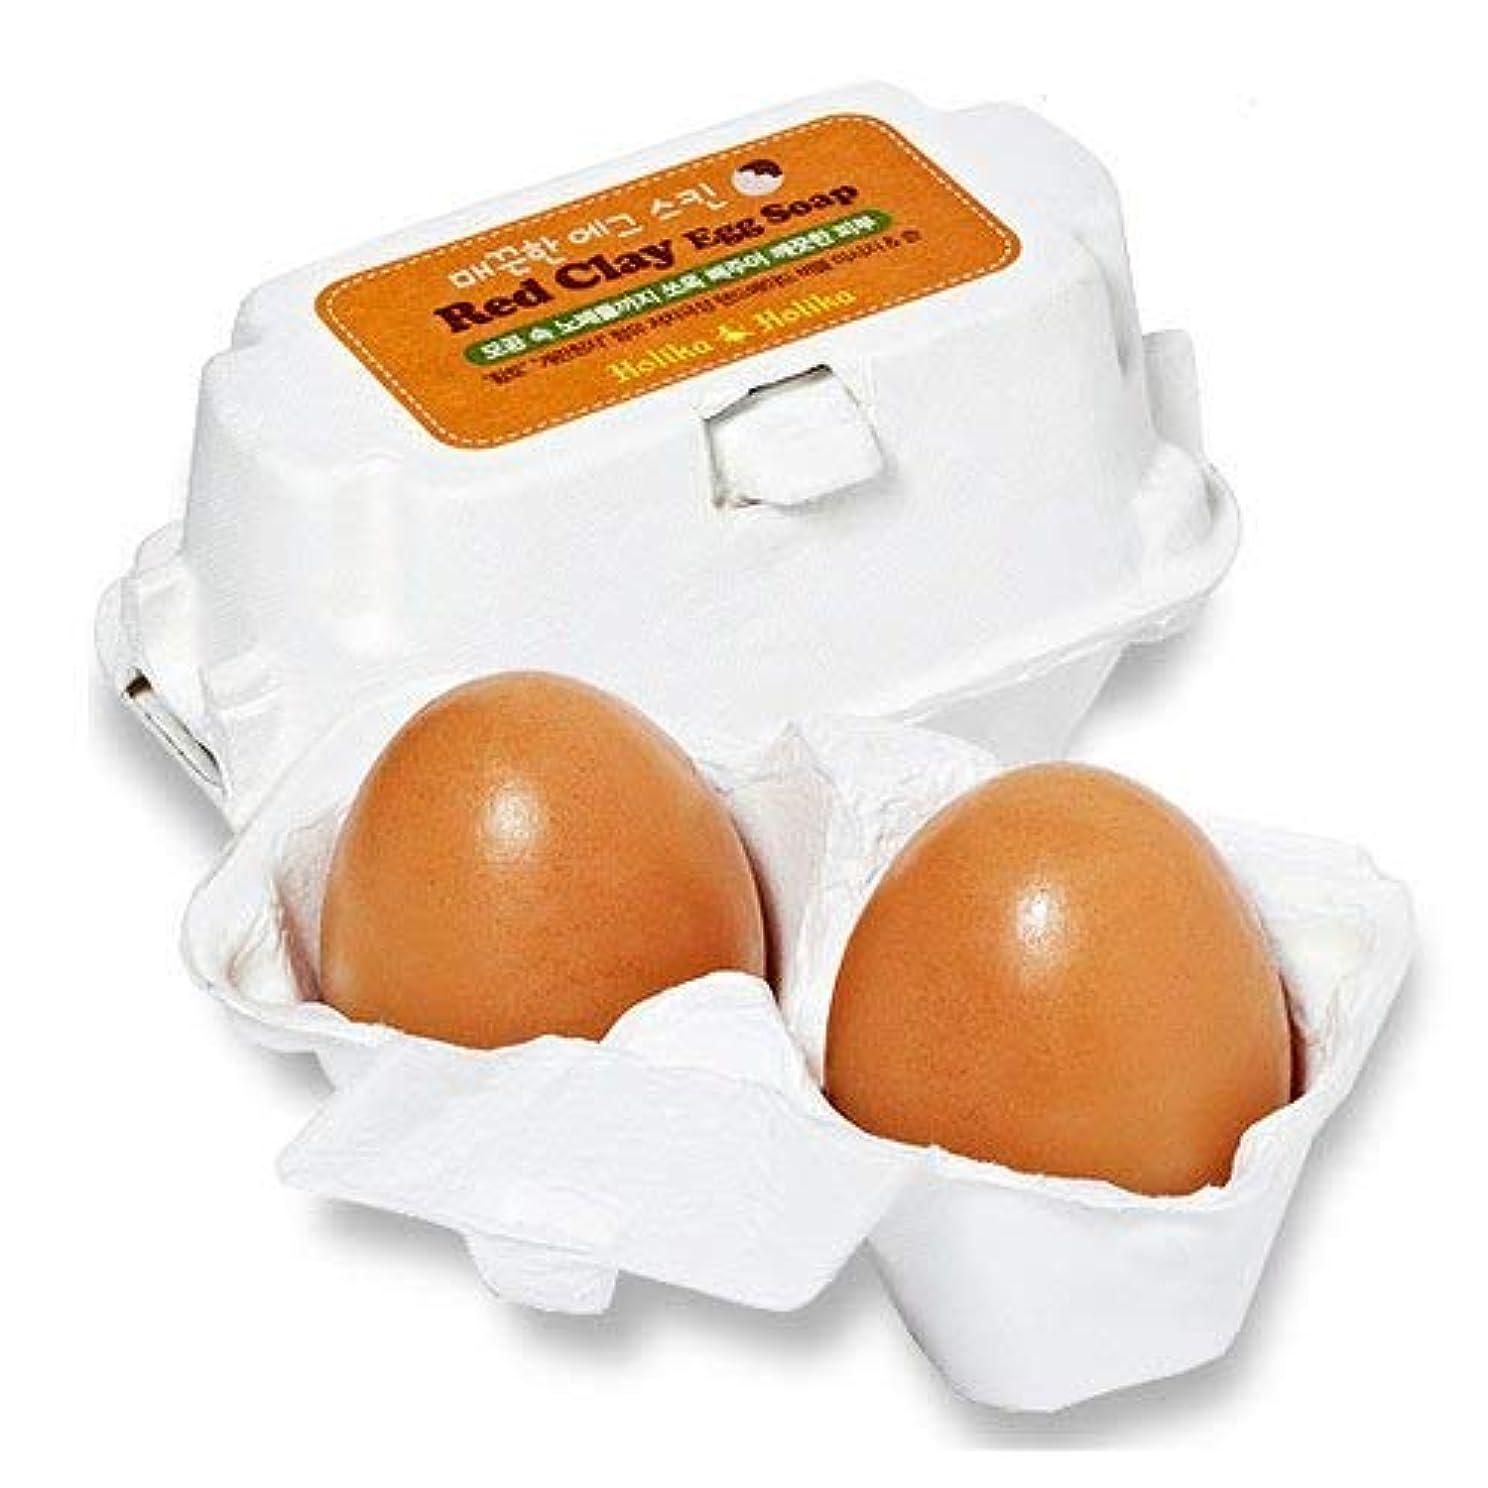 論文汚物高架[黄土/Red Clay] Holika Holika Egg Skin Egg Soap ホリカホリカ エッグスキン エッグソープ (50g*2個) [並行輸入品]